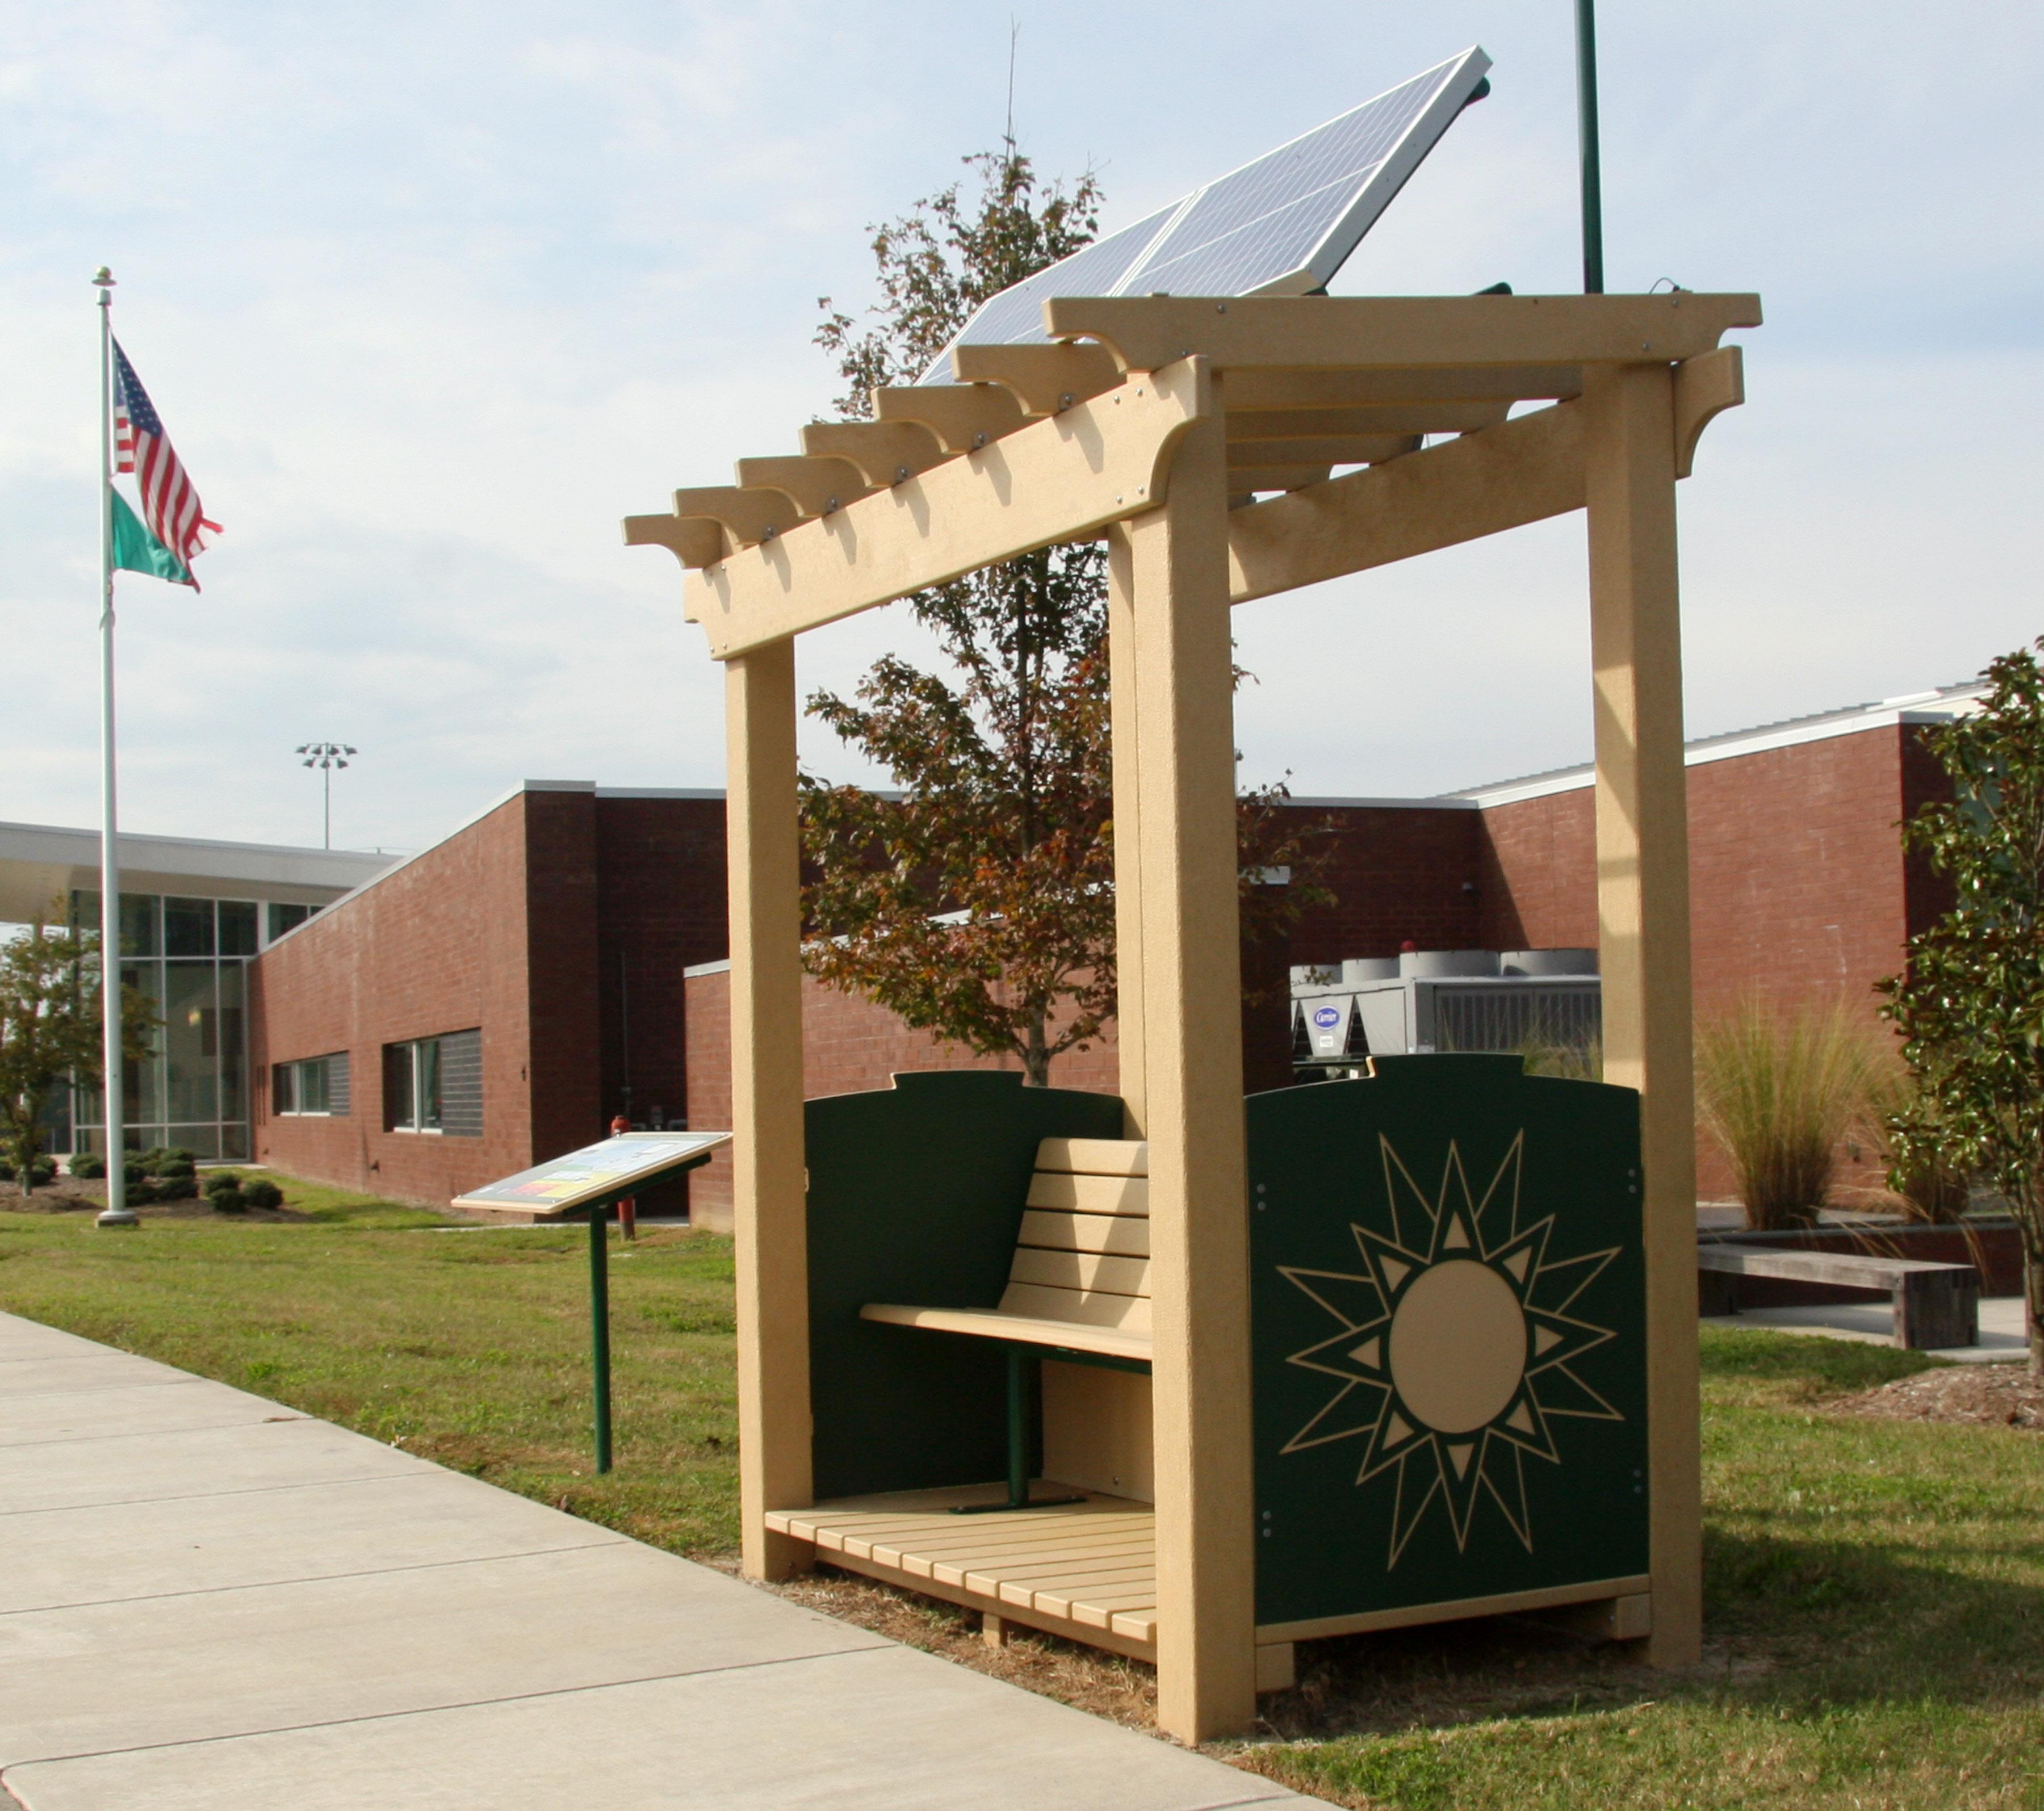 Sur une pelouse devant un bâtiment, un banc couvert surmonté de panneaux solaires, avec un équipement électronique monté sur le côté (EPA)